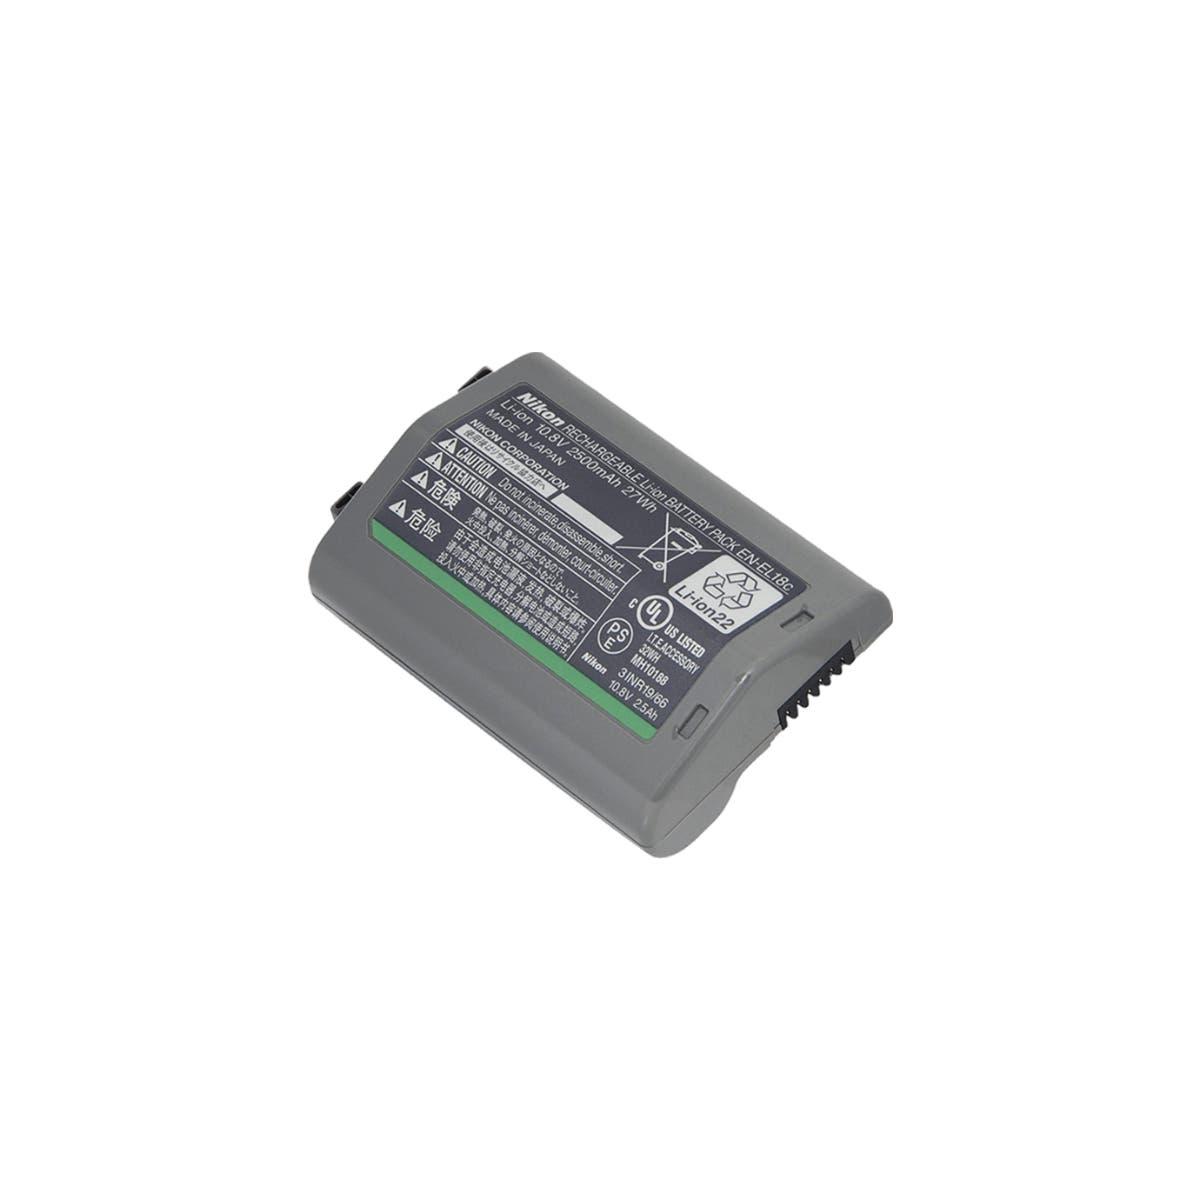 EN-EL18c Rechargeable Li-ion Battery